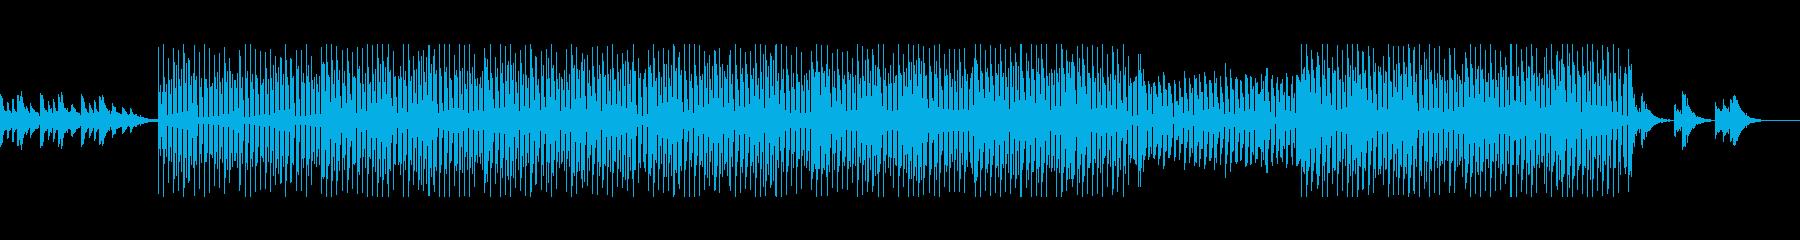 ダークな雰囲気で陰影のあるテクノポップ風の再生済みの波形